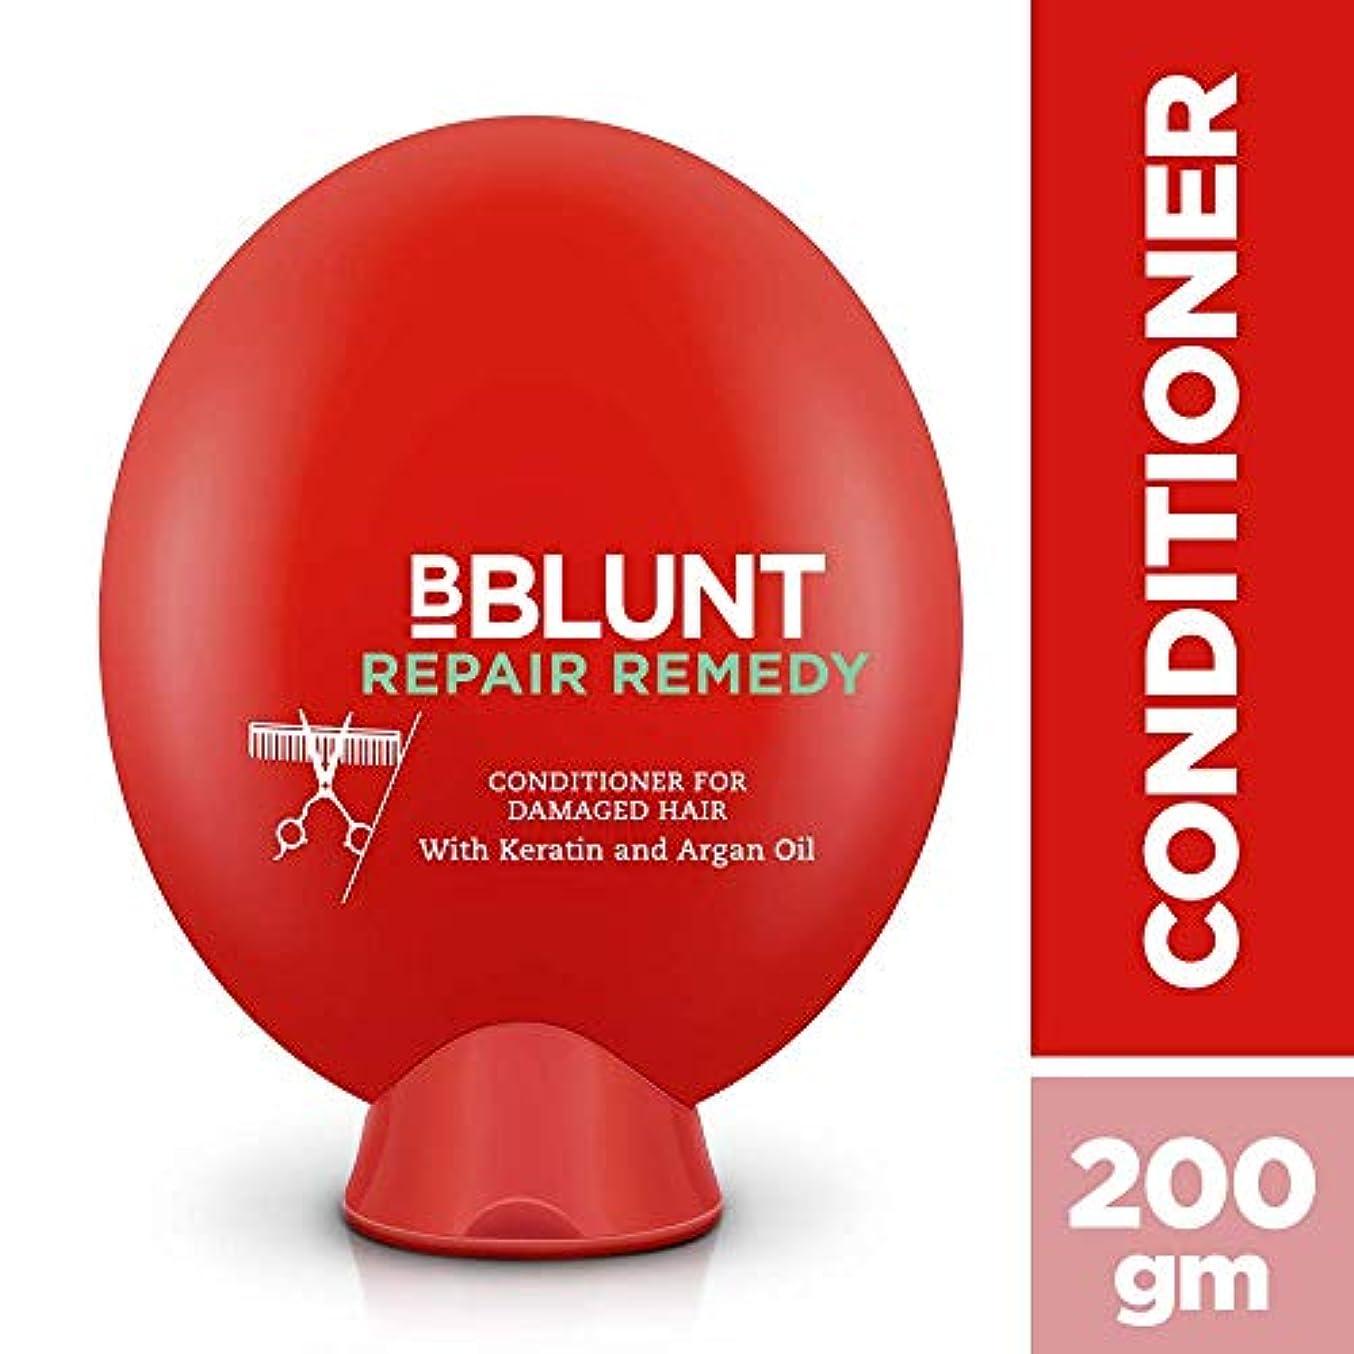 アクティブ貯水池不条理BBLUNT Repair Remedy Conditioner for Damaged Hair, 200g (Keratin and Argan Oil)